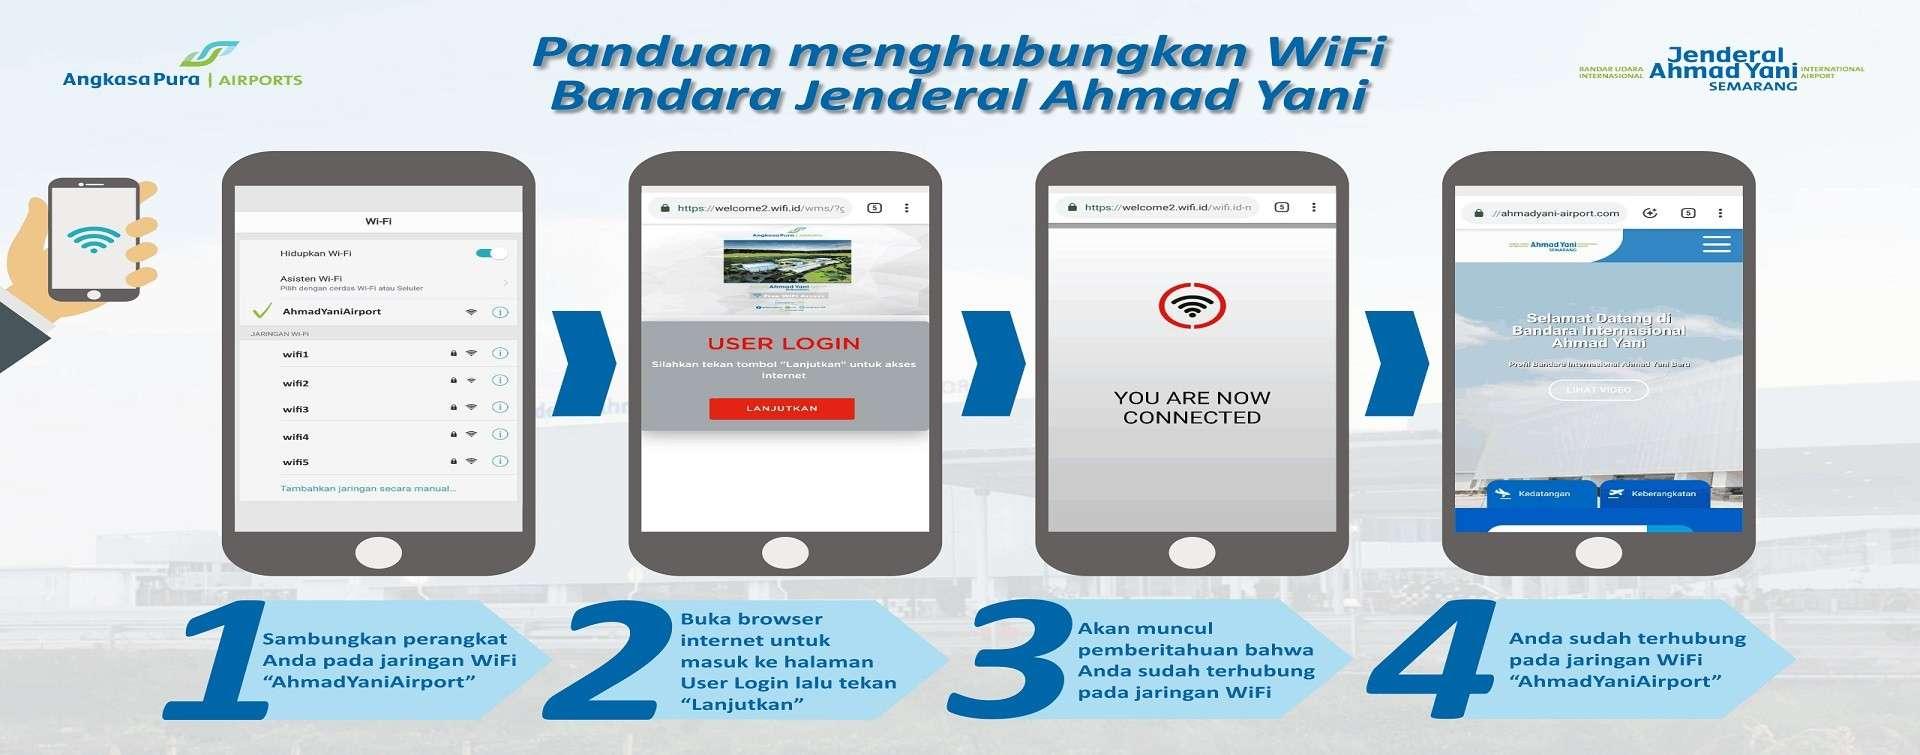 Ahmad Yani International Airport Semarang